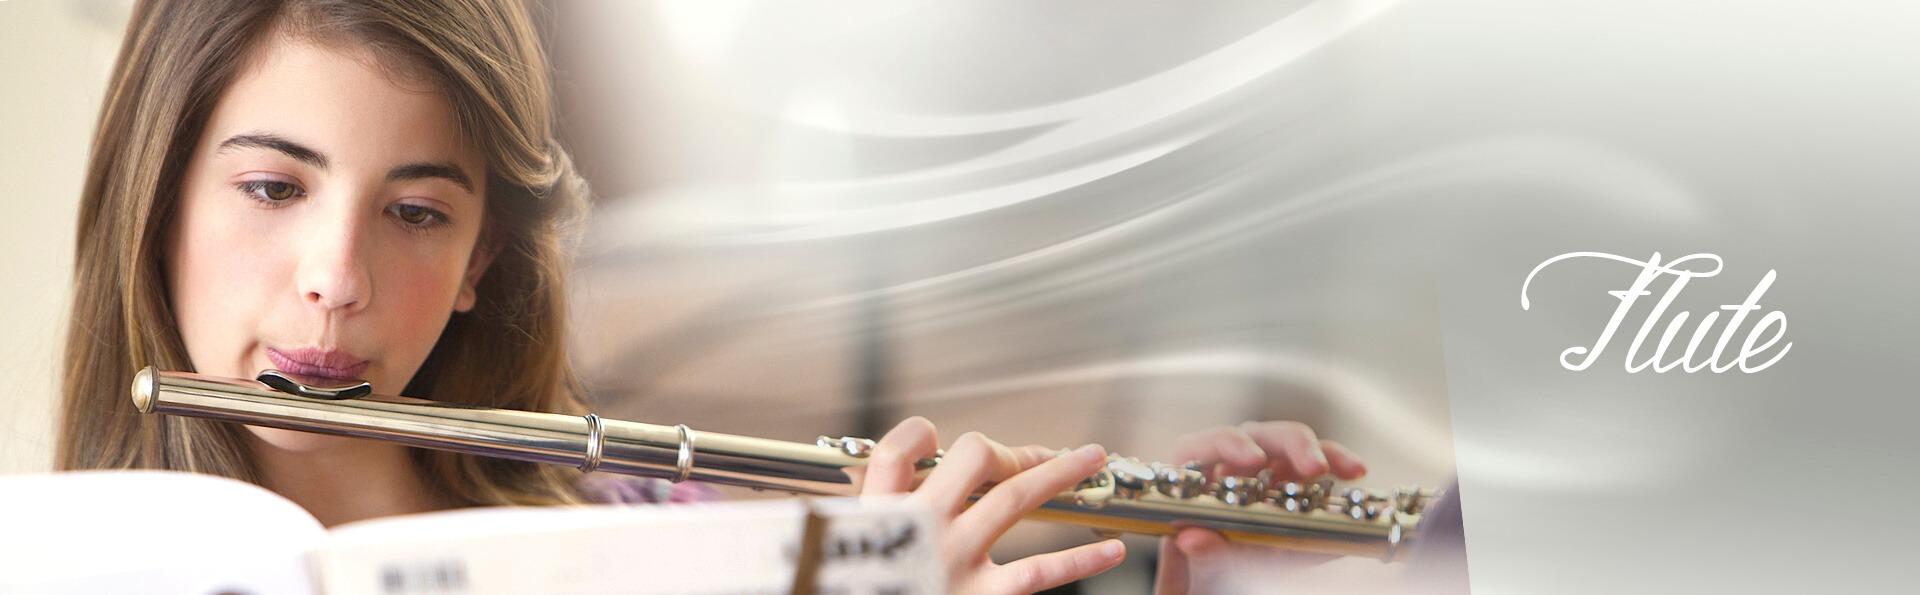 Flute lessons at Dubai Music School